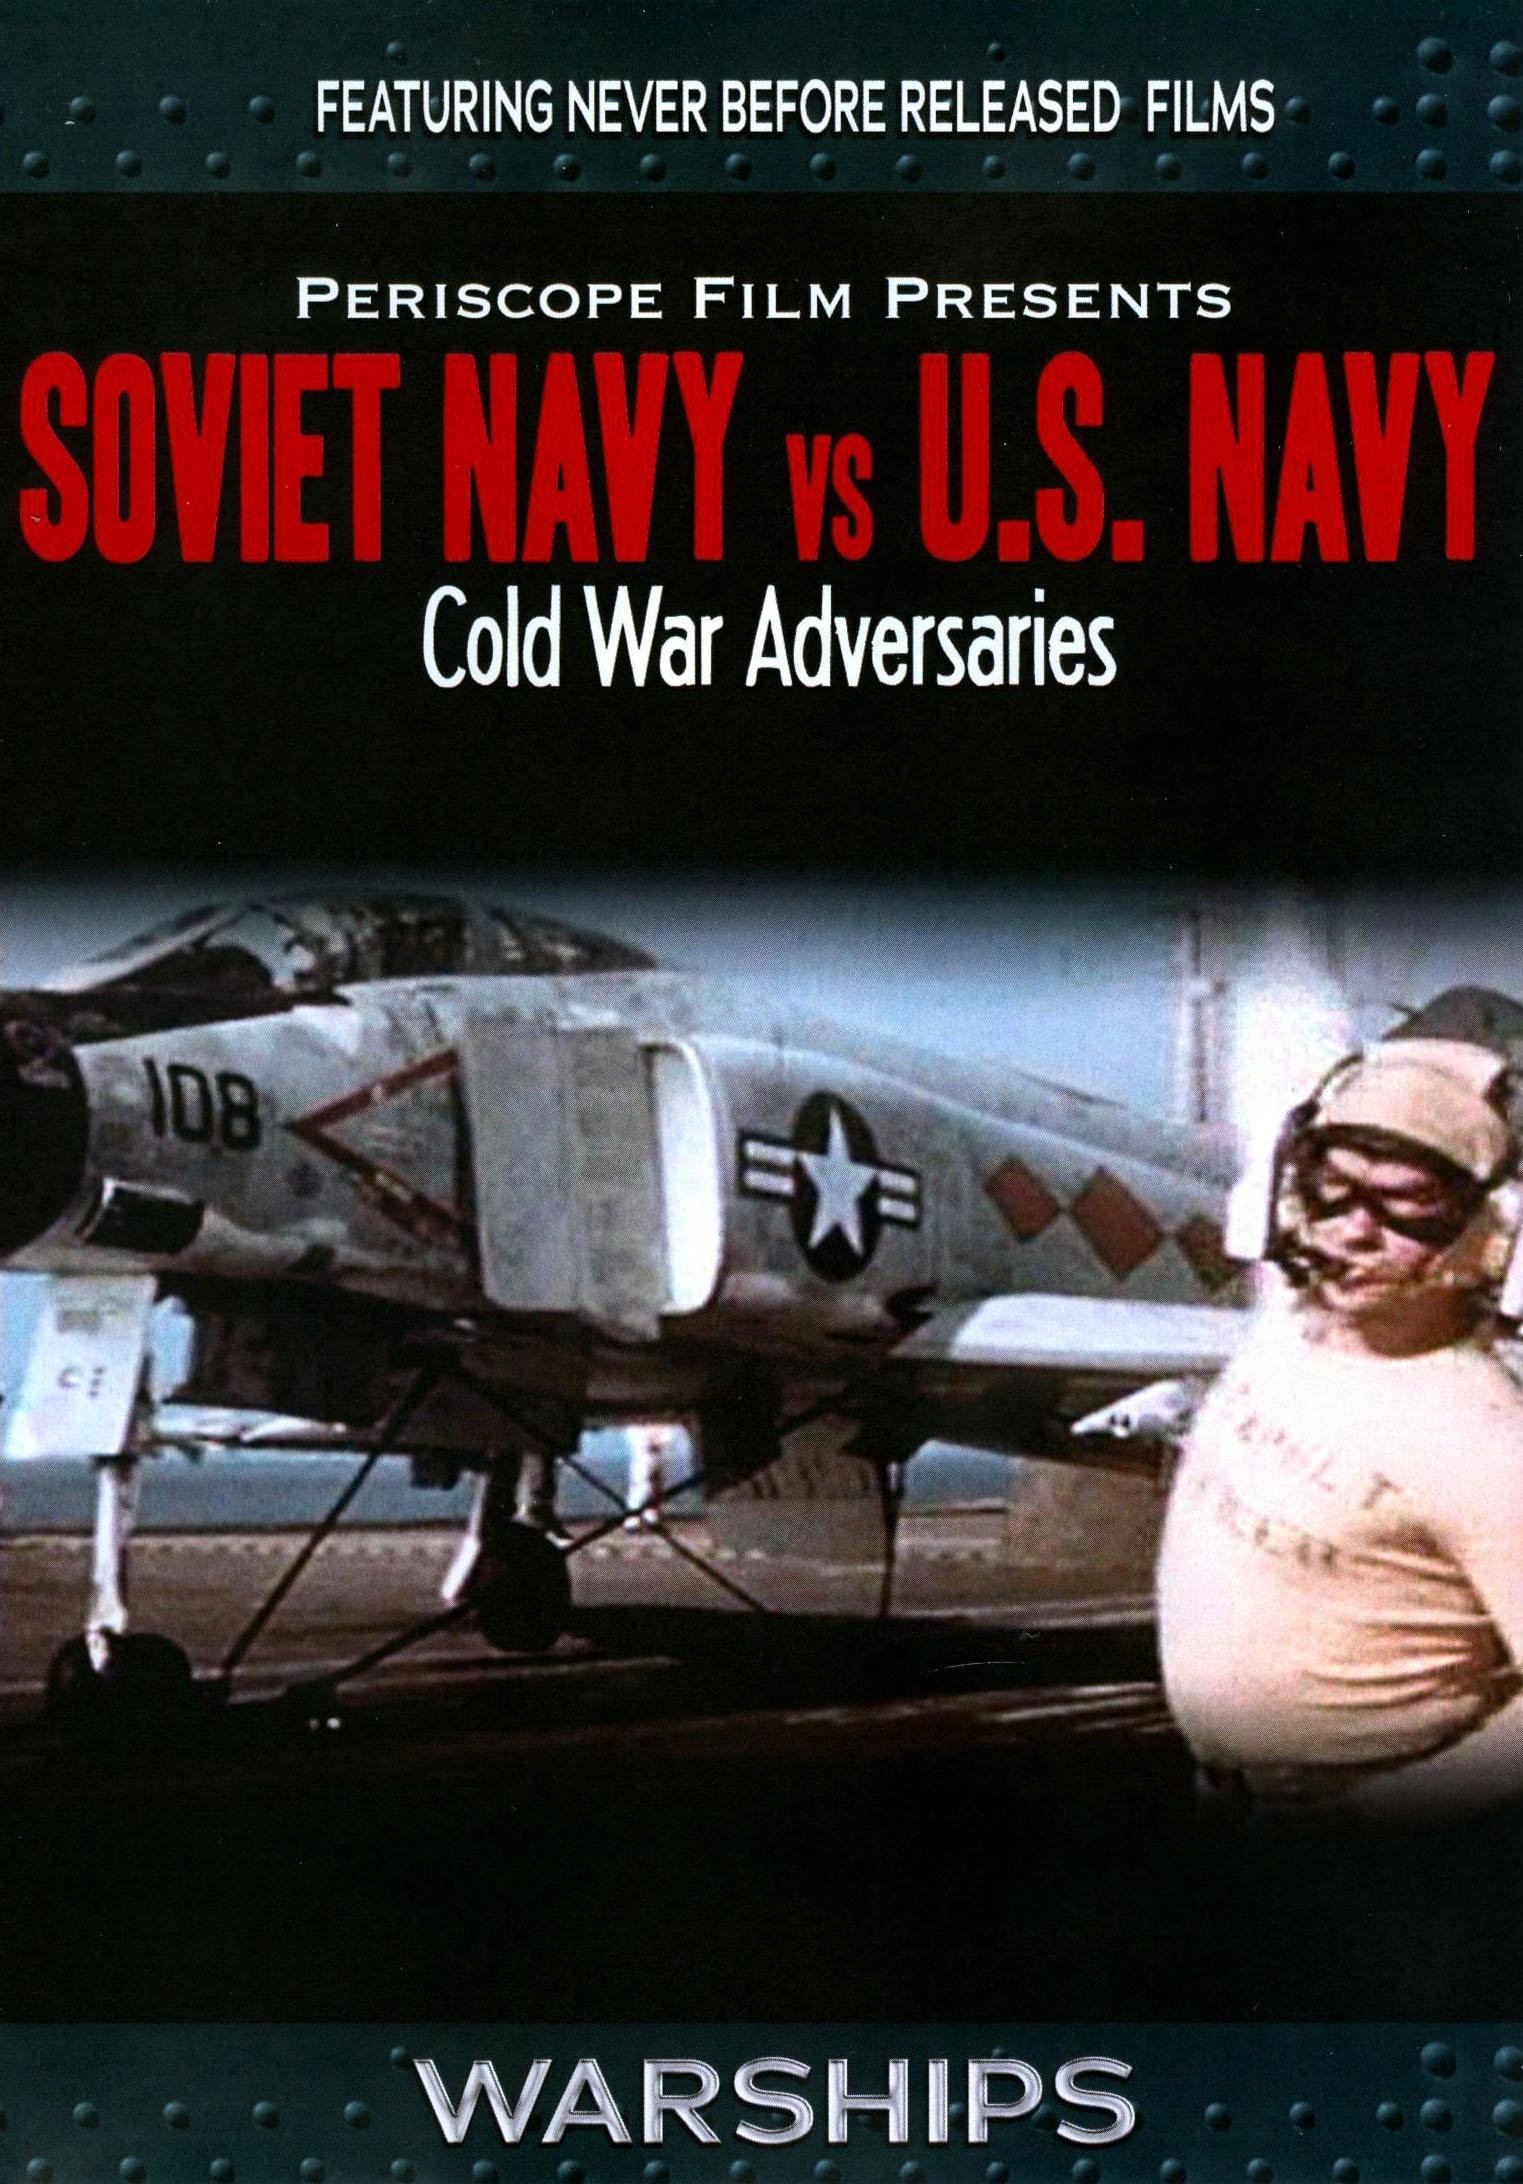 Soviet Navy Vs. U.S. Navy: Cold War Adversaries